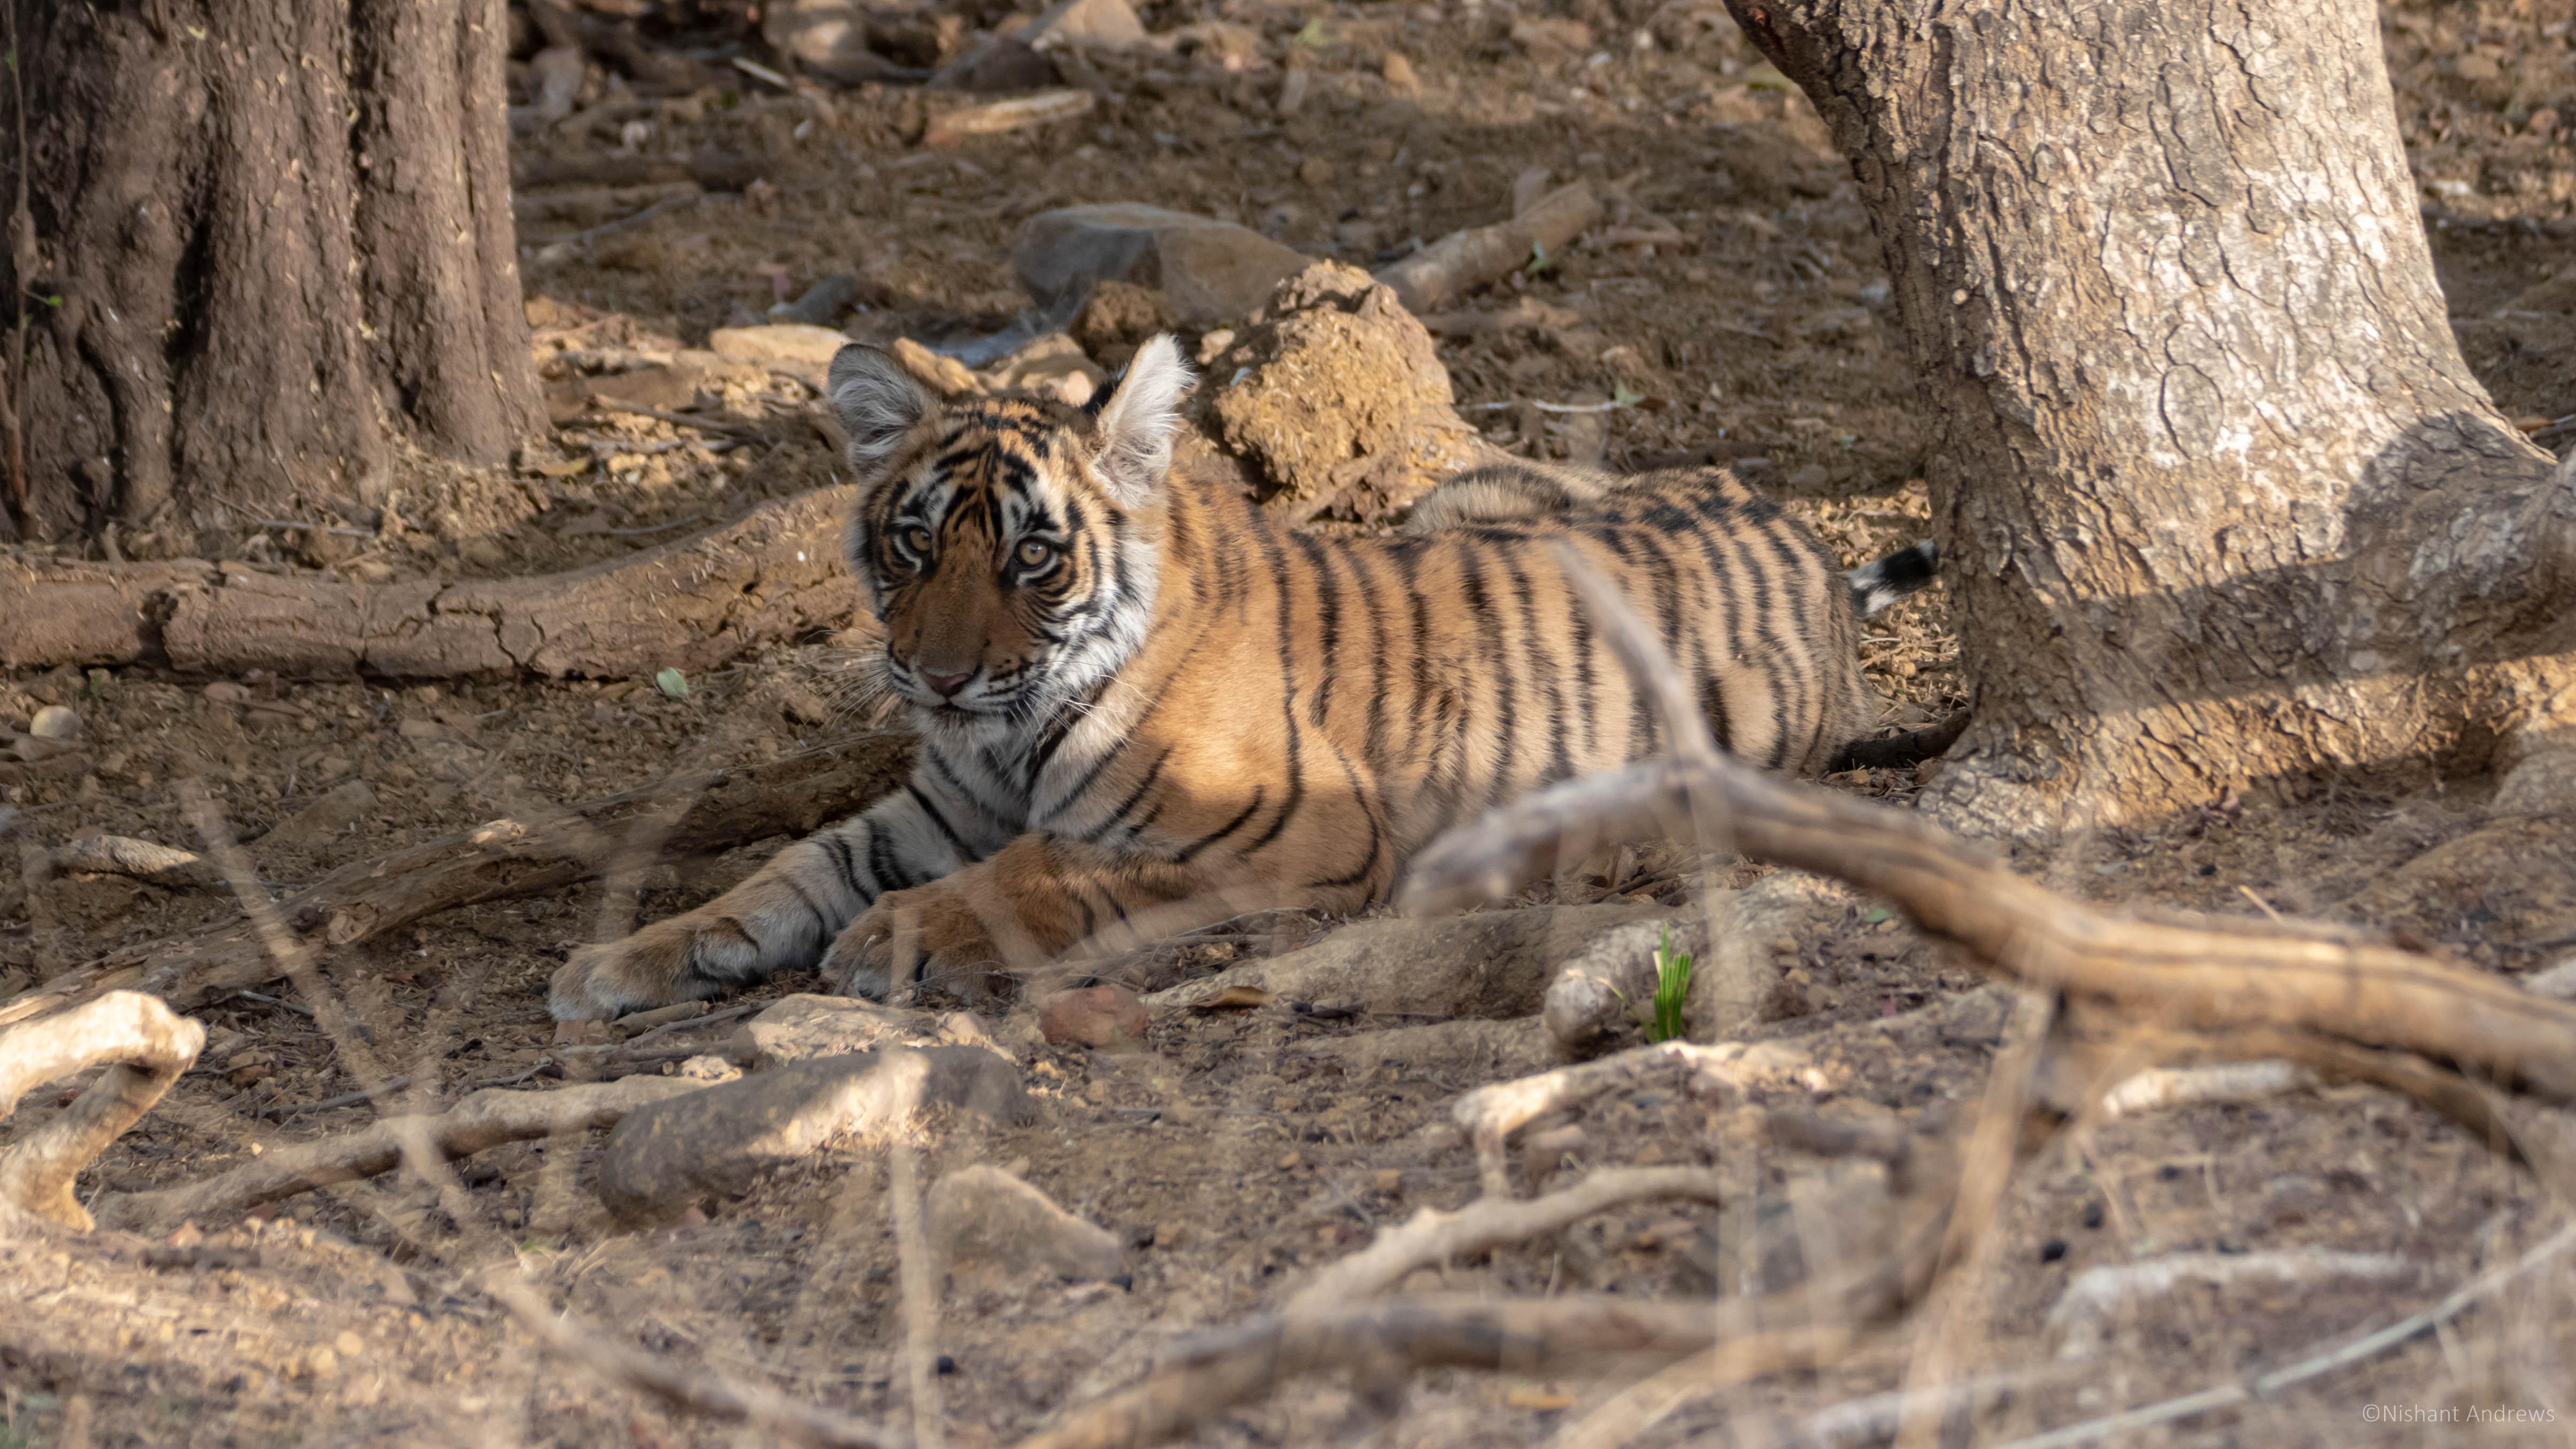 Bengal tiger cub, Rajasthan